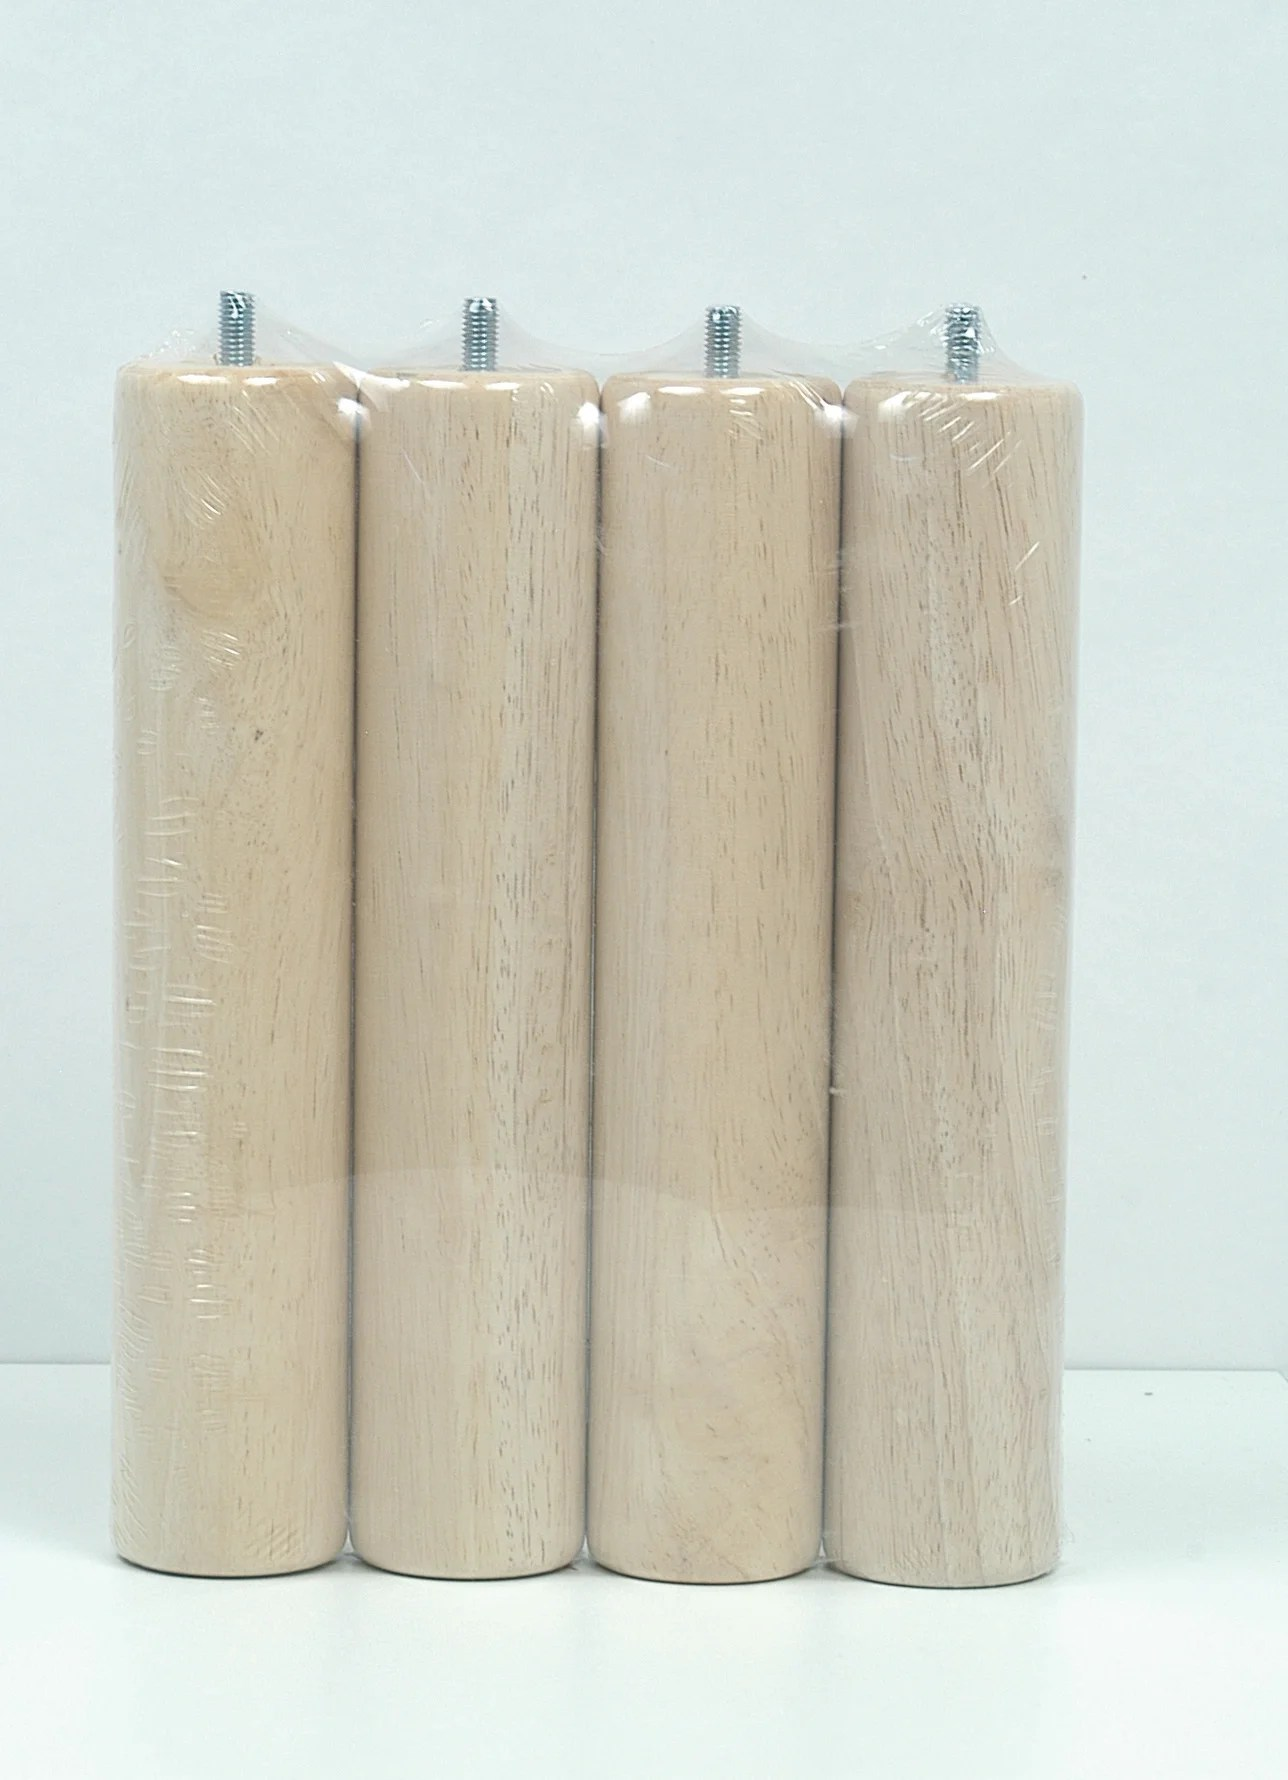 lot de 4 pieds de lit sommier cylindrique fixes hetre beige naturels 25cm